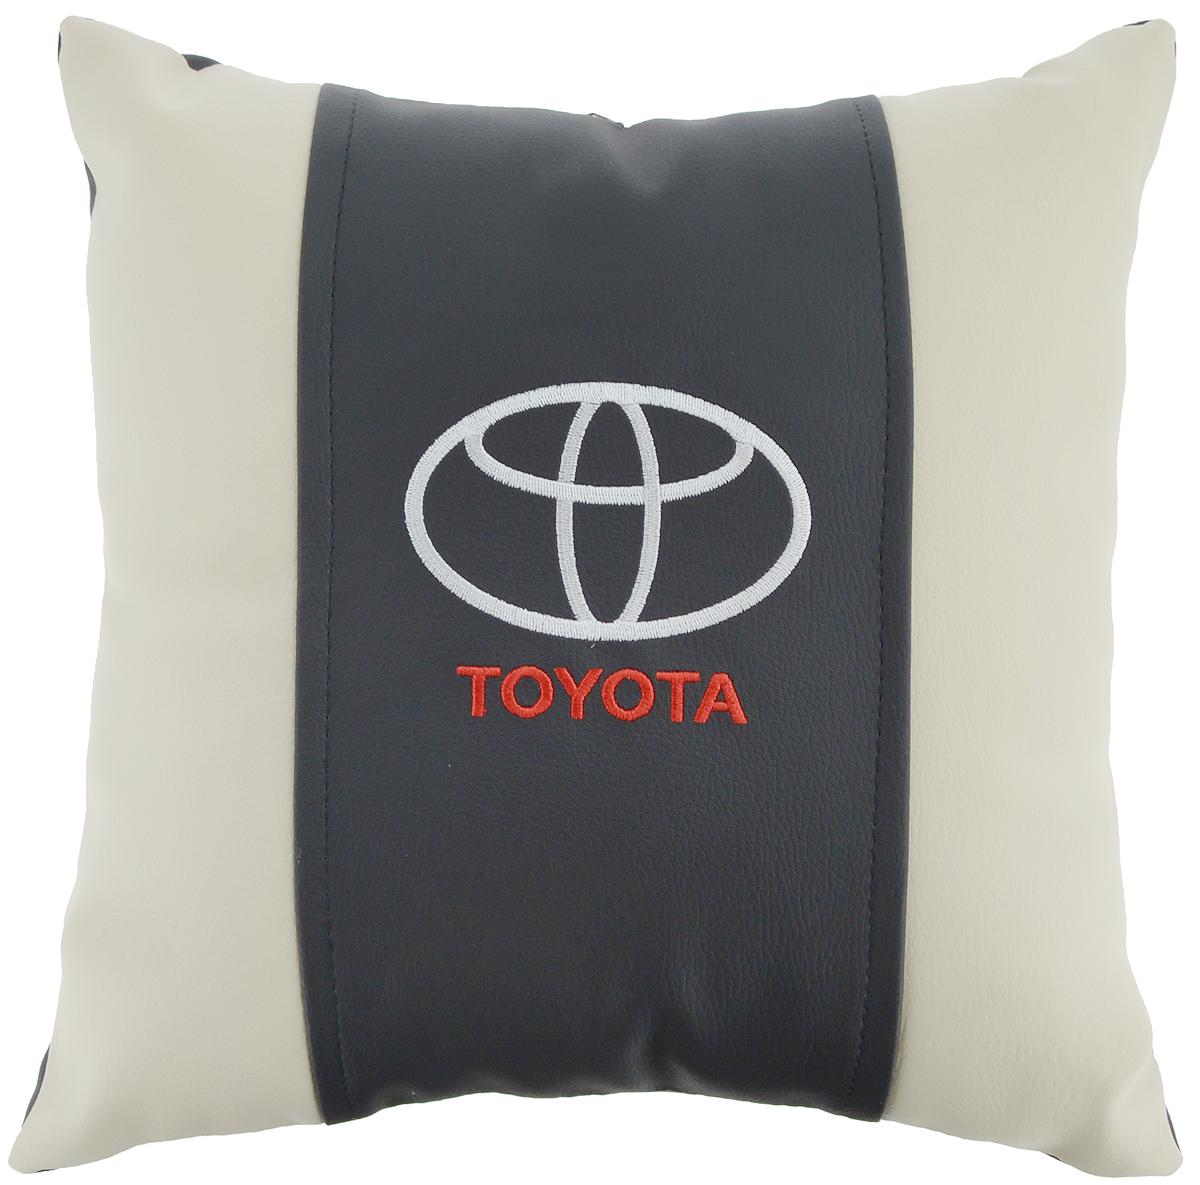 Подушка на сиденье Autoparts Toyota, 30 х 30 смS03301004Подушка на сиденье Autoparts Toyota создана для тех, кто весь свой день вынужден проводить за рулем. Чехол выполнен из высококачественной дышащей экокожи. Наполнителем служит холлофайбер. На задней части подушки имеется змейка.Особенности подушки:- Хорошо проветривается.- Предупреждает потение.- Поддерживает комфортную температуру.- Обминается по форме тела.- Улучшает кровообращение.- Исключает затечные явления.- Предупреждает развитие заболеваний, связанных с сидячим образом жизни. Подушка также будет полезна и дома - при работе за компьютером, школьникам - при выполнении домашних работ, да и в любимом кресле перед телевизором.